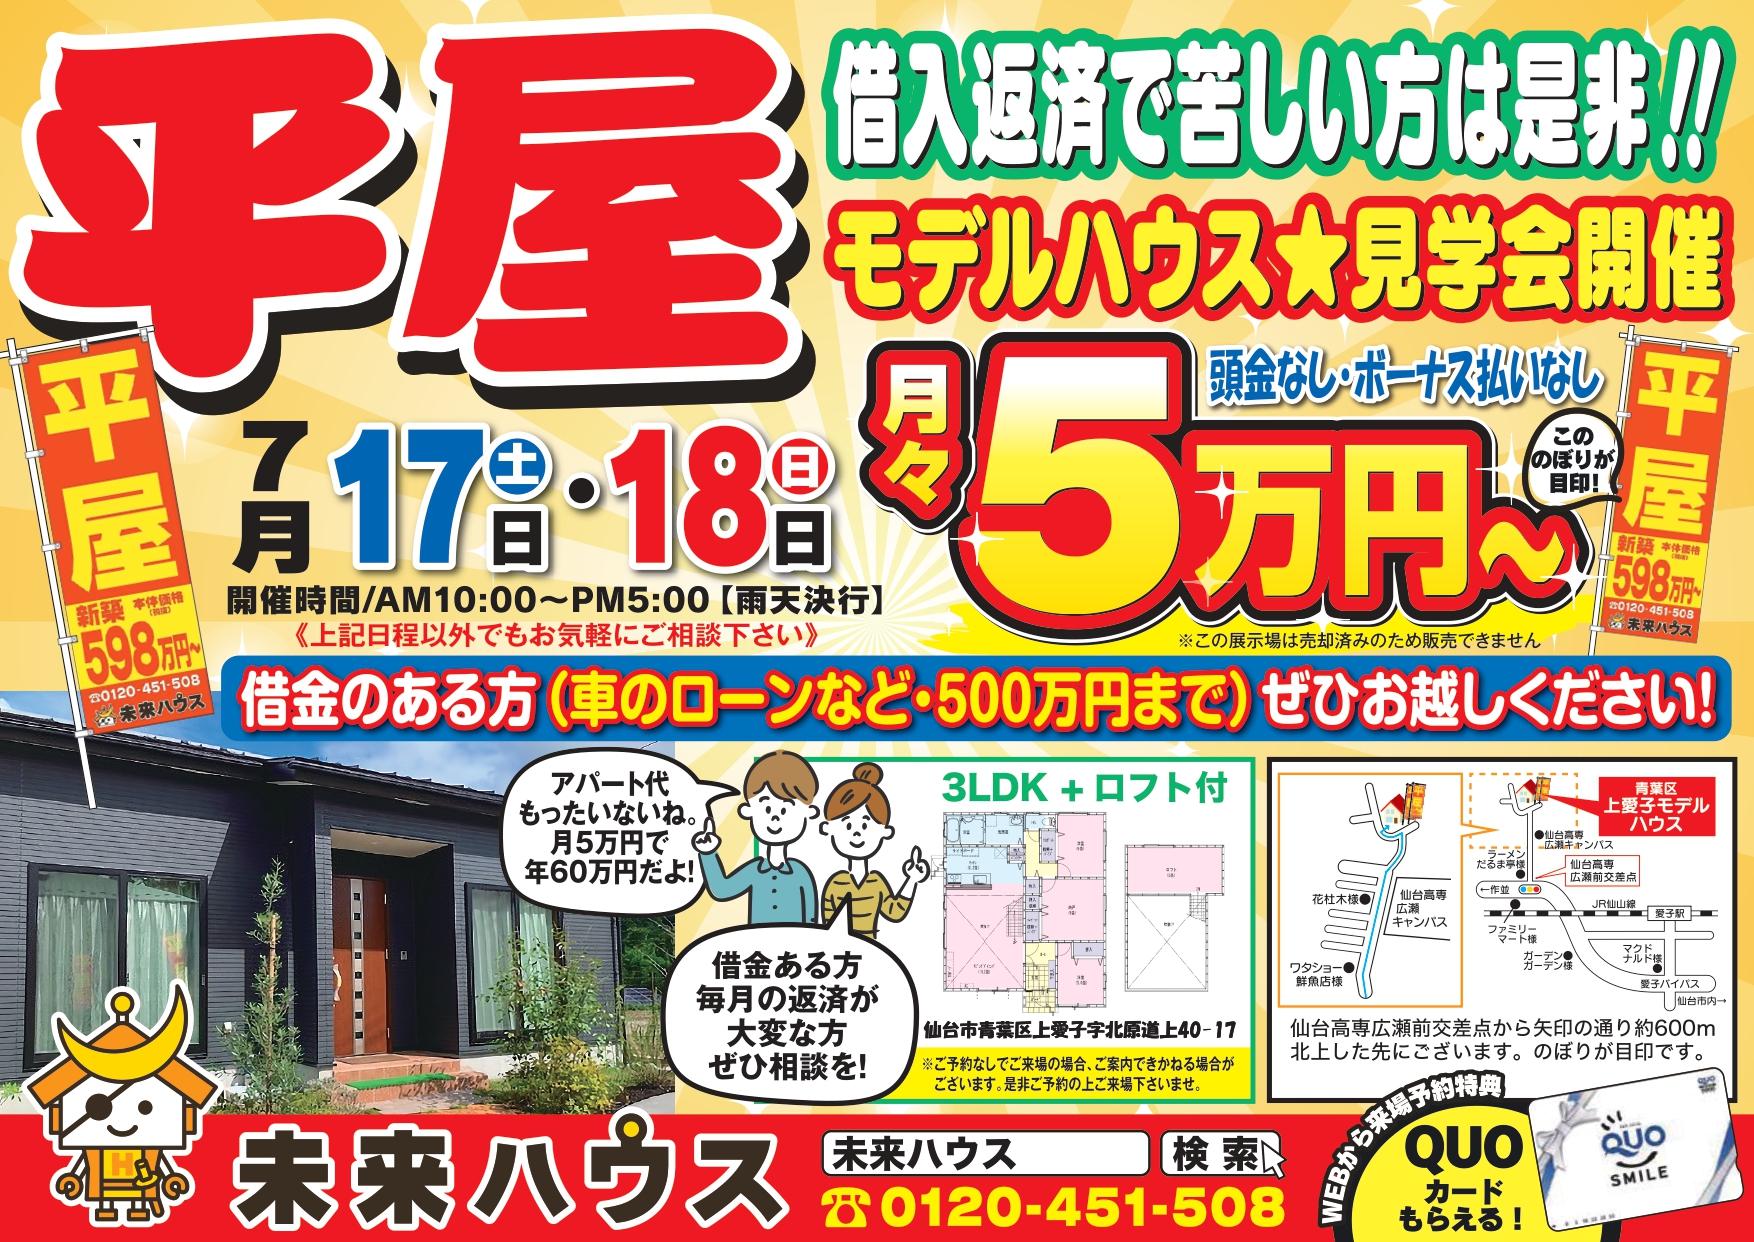 7月17日(土)・18日(日) 上愛子平屋モデルハウス